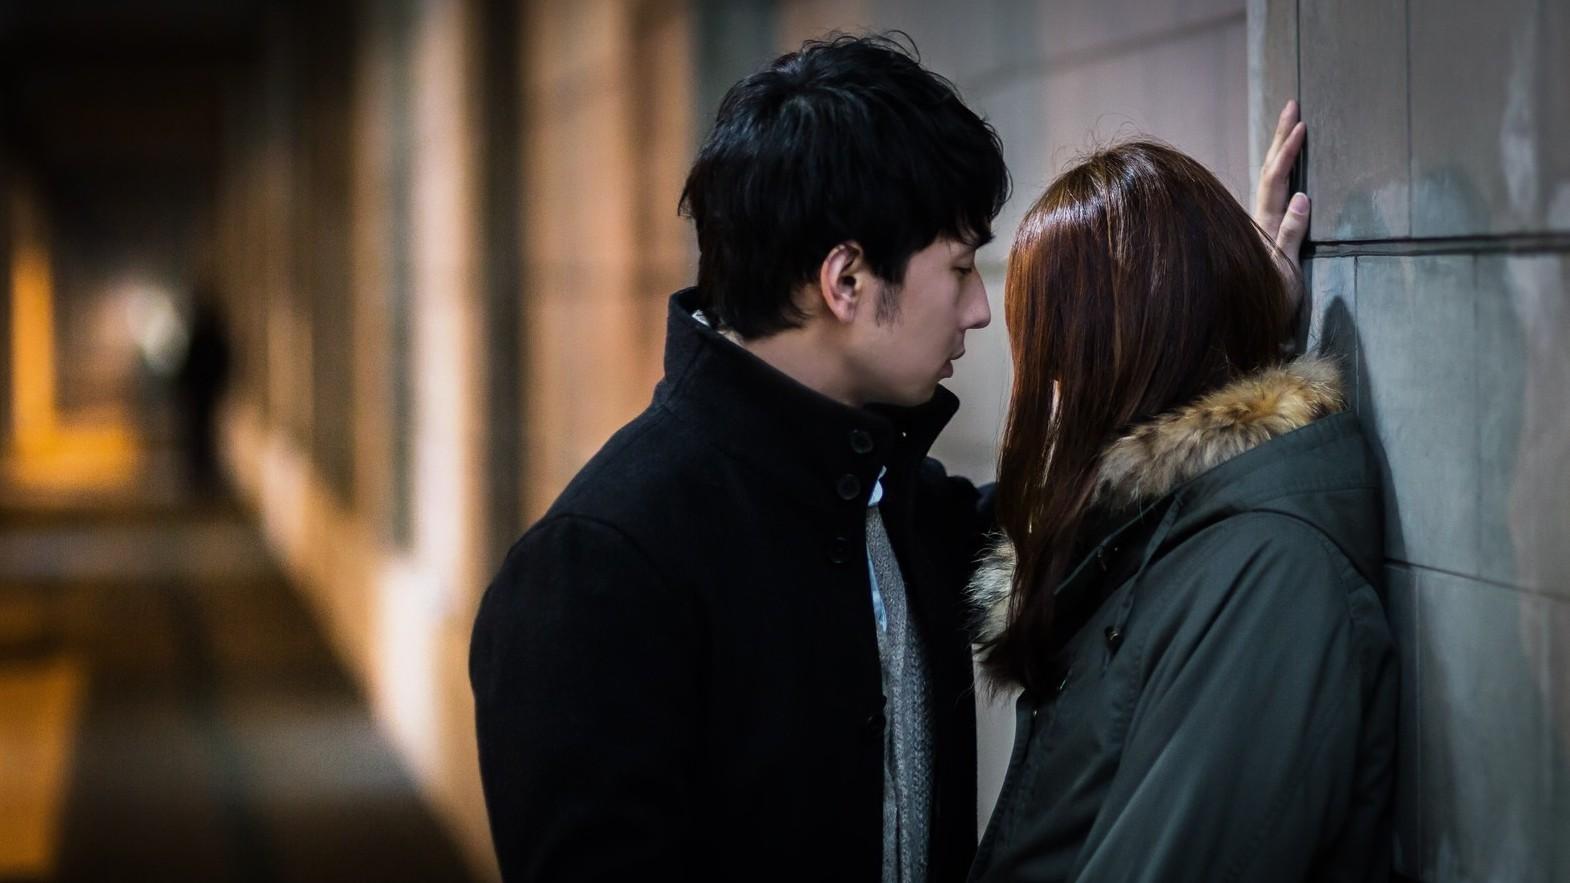 ▲▼情侶,接吻。(圖/取自免費圖庫Pakutaso)